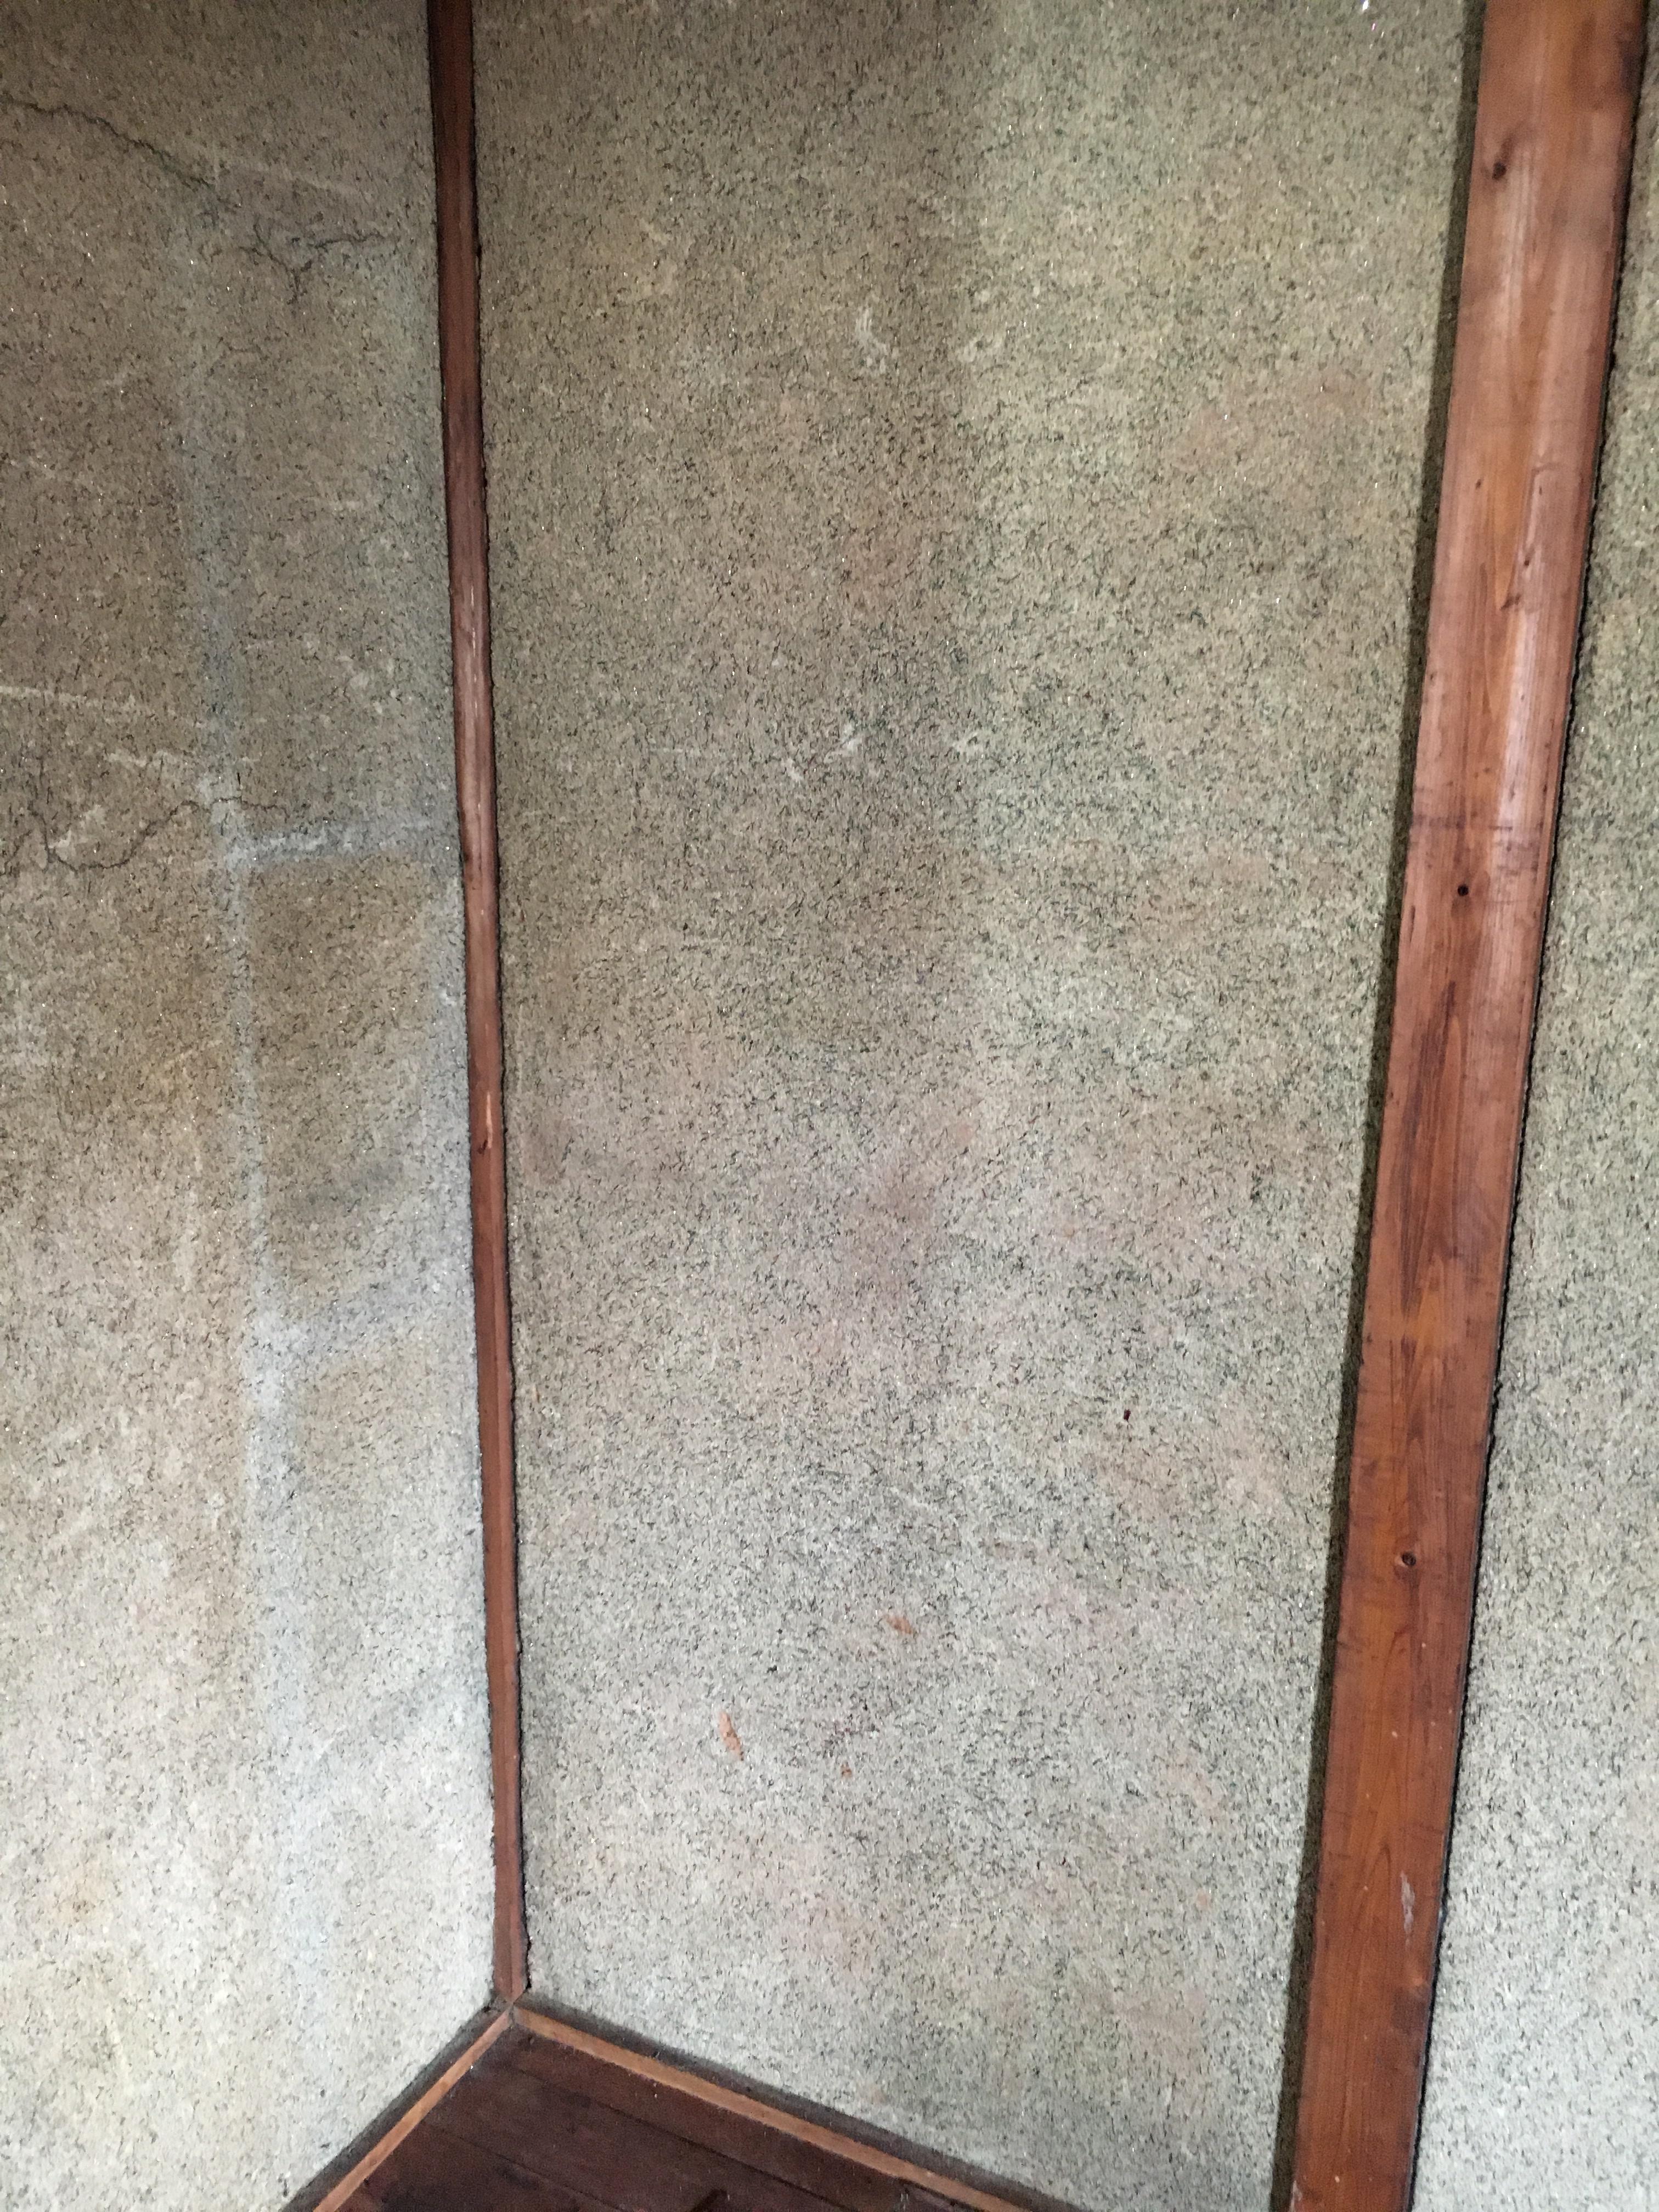 Diyでベニヤ貼りする時に大切なこと 砂壁やクロスの上に間違った貼り方をすると後で大変なことに Daikunoosusume